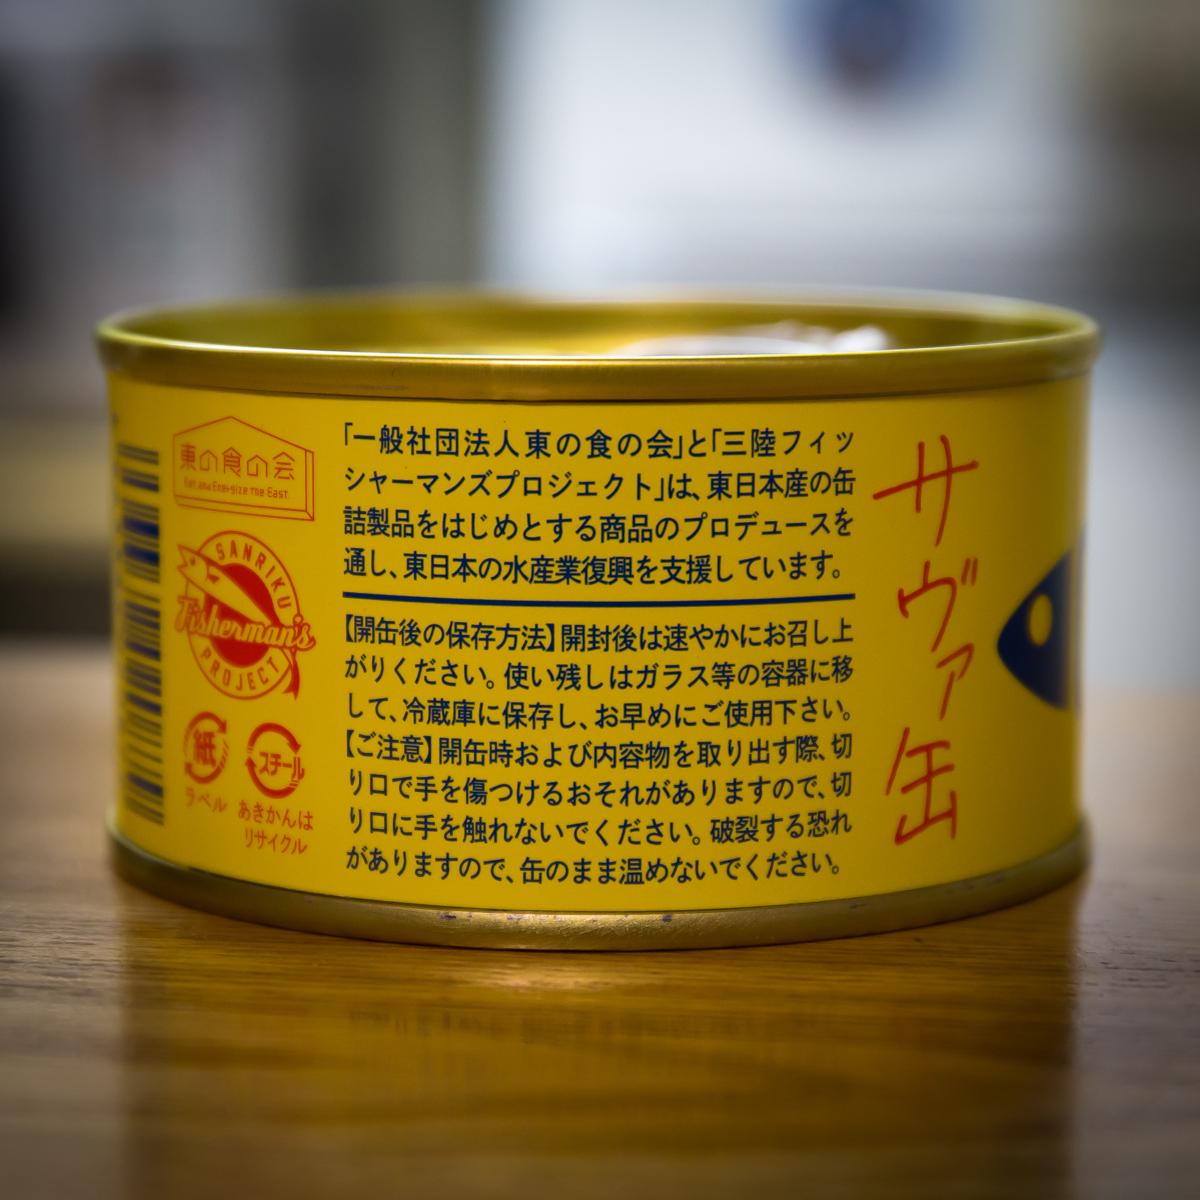 缶詰(3)